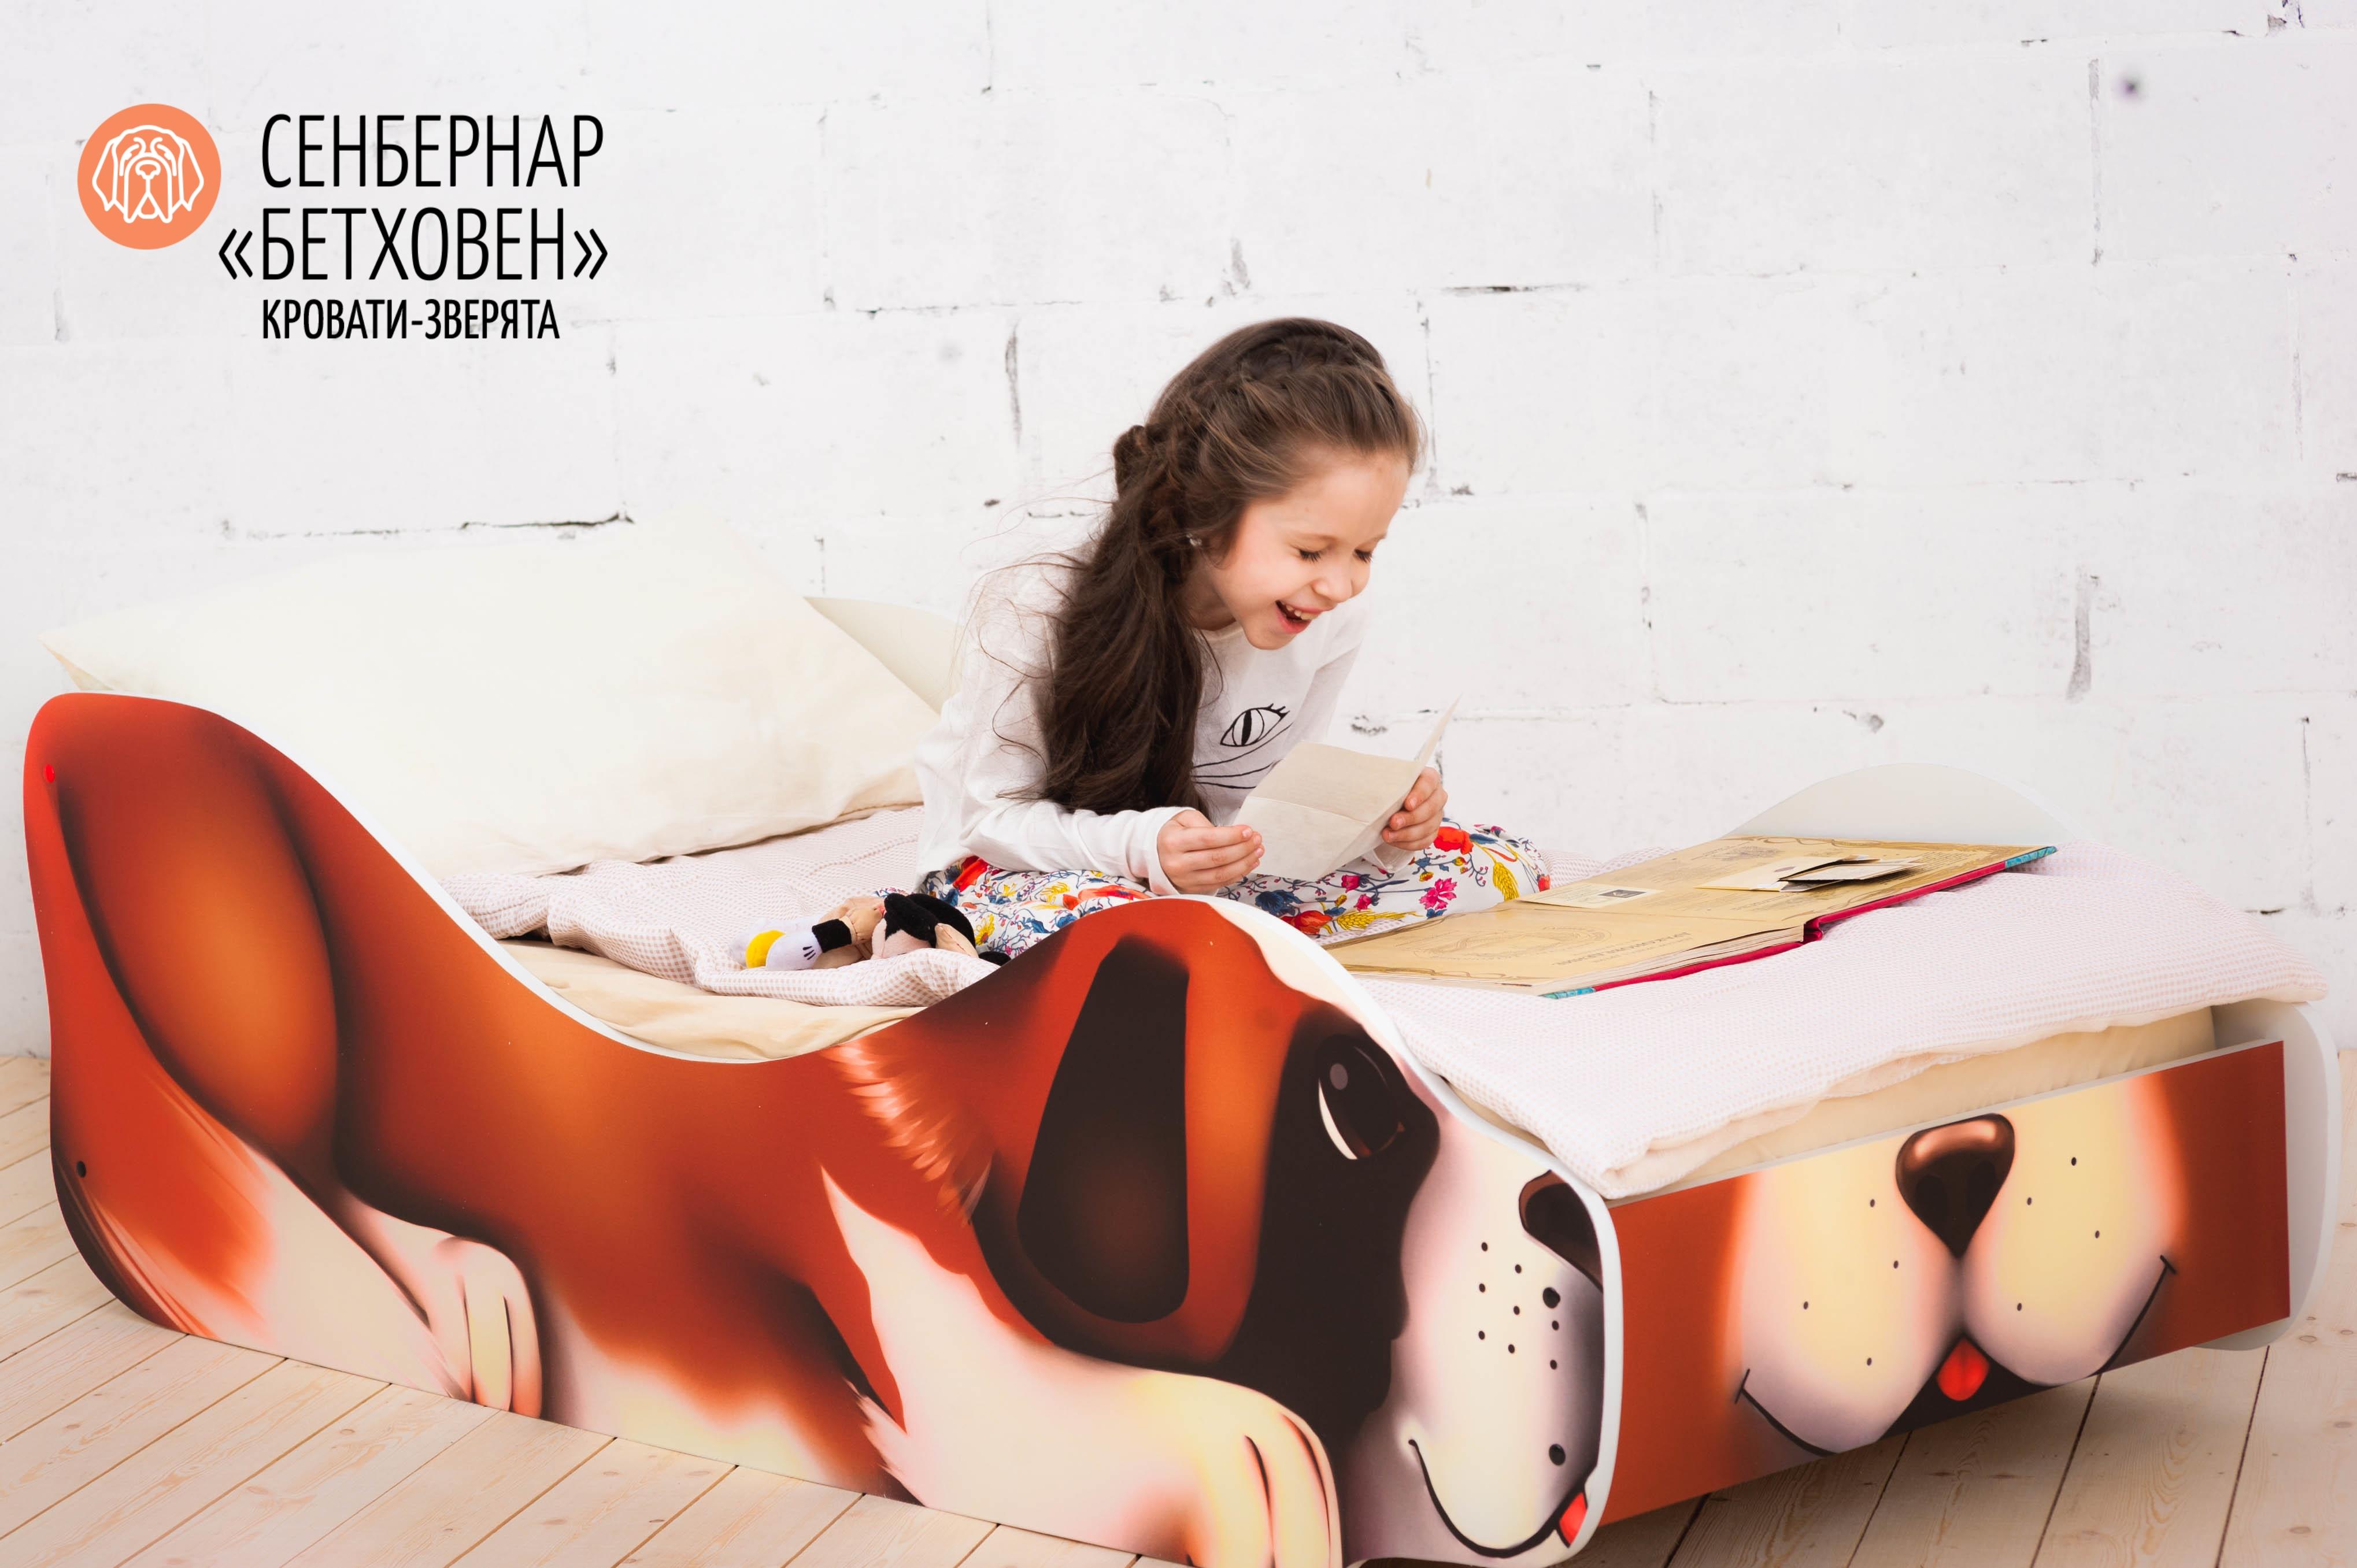 Детская кровать-зверенок -Сенбернар- Бетховен-16